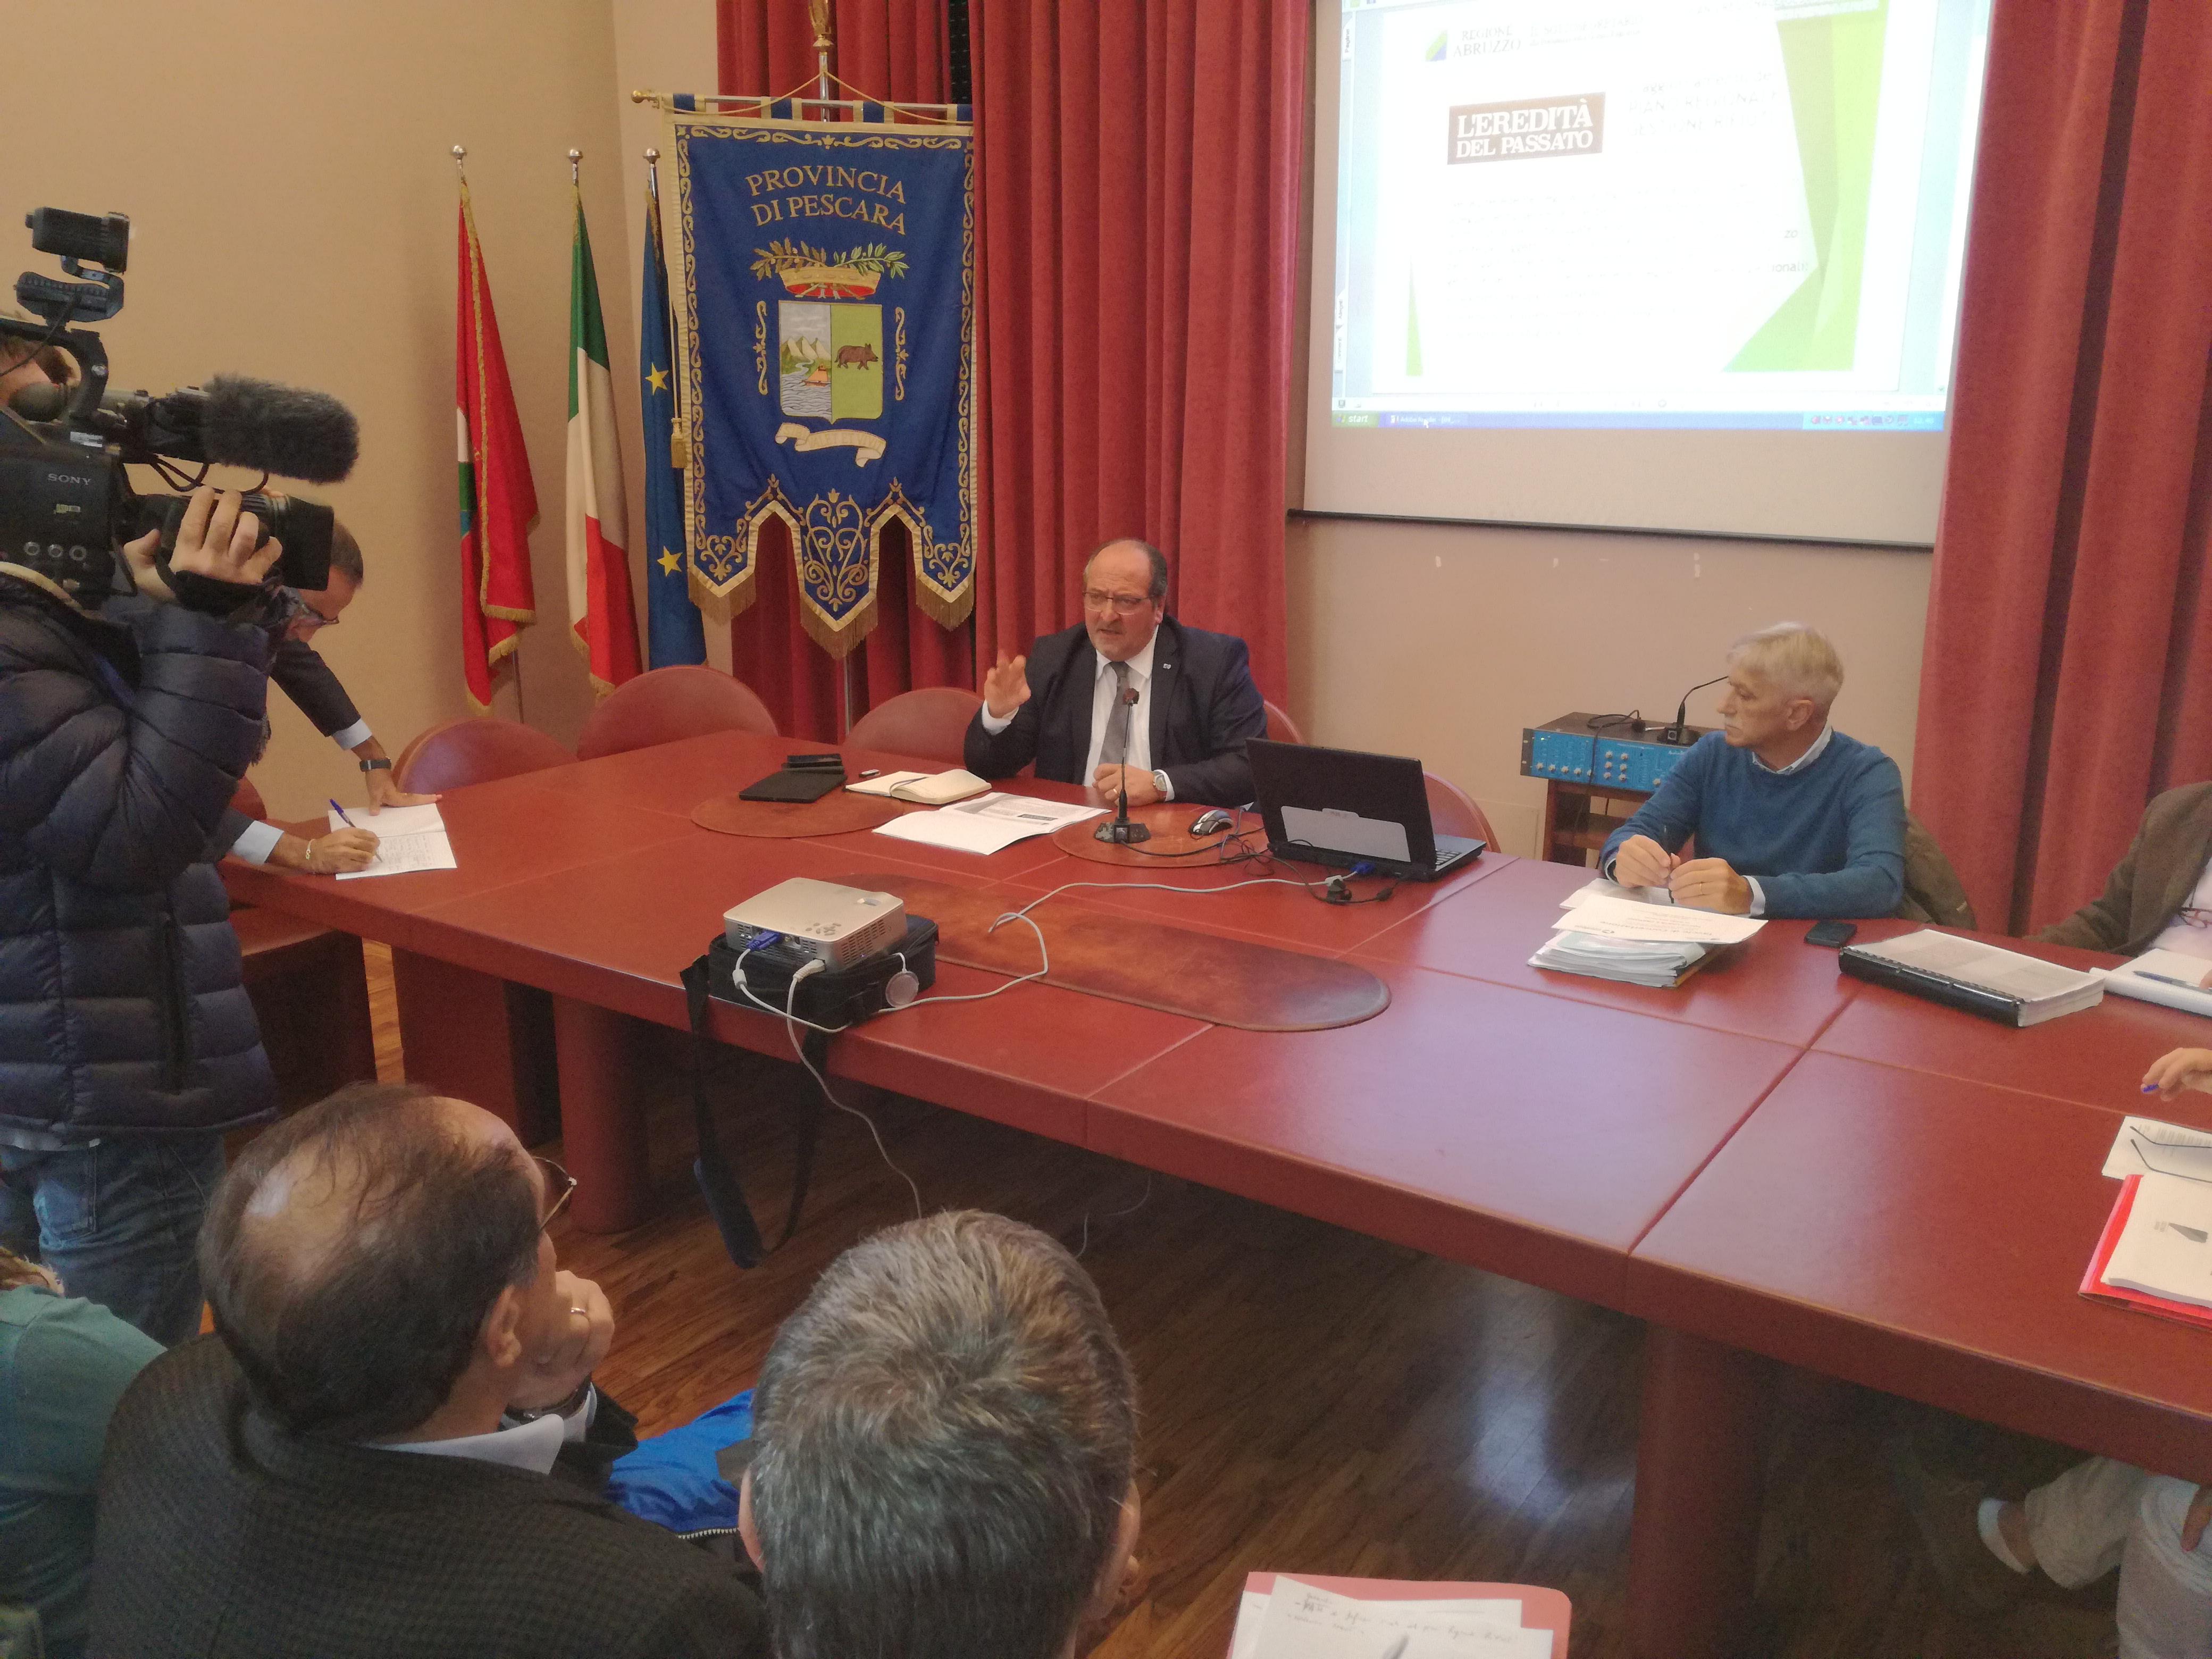 Regione Abruzzo, l'inceneritore non si farà